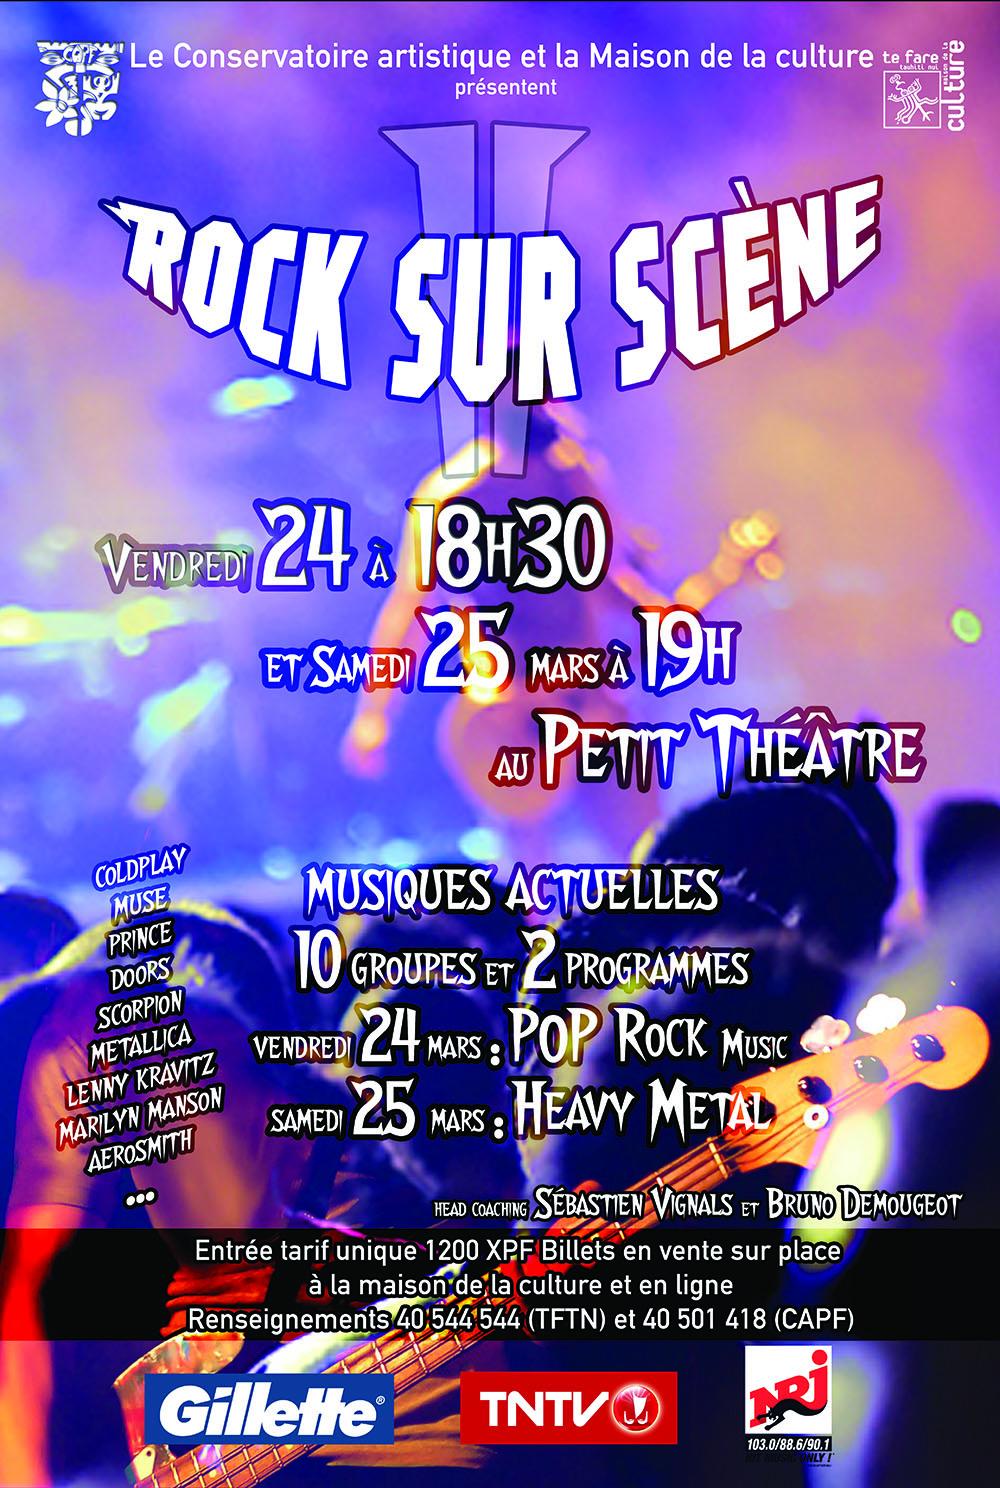 Rock sur scène – 24 & 25 mars